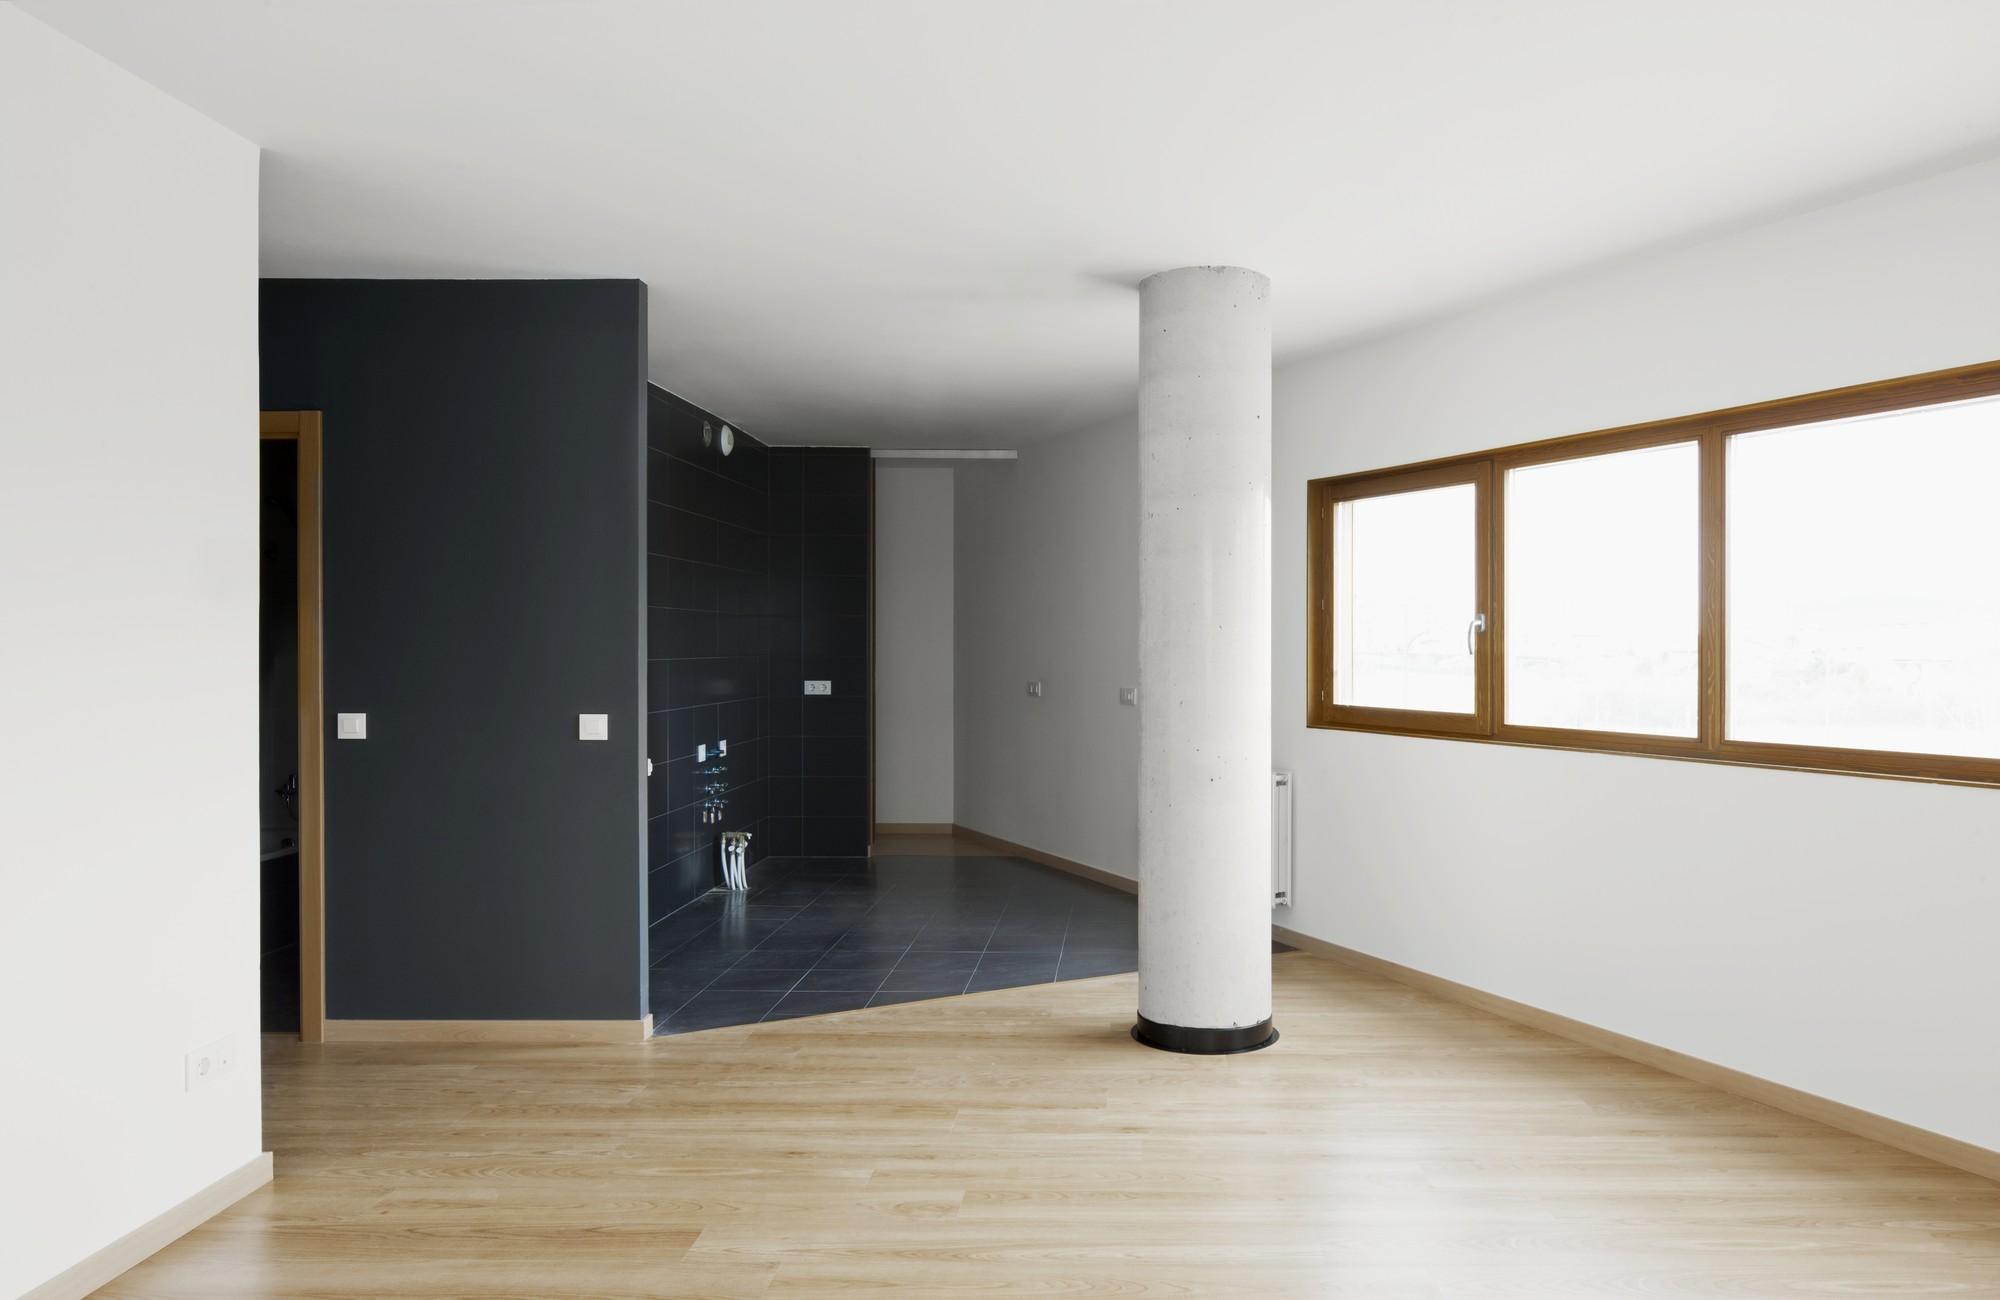 Galer a de nuevo grupo de viviendas de protecci n oficial en vitoria gasteiz acxt arquitectos 16 - Arquitectos en vitoria ...